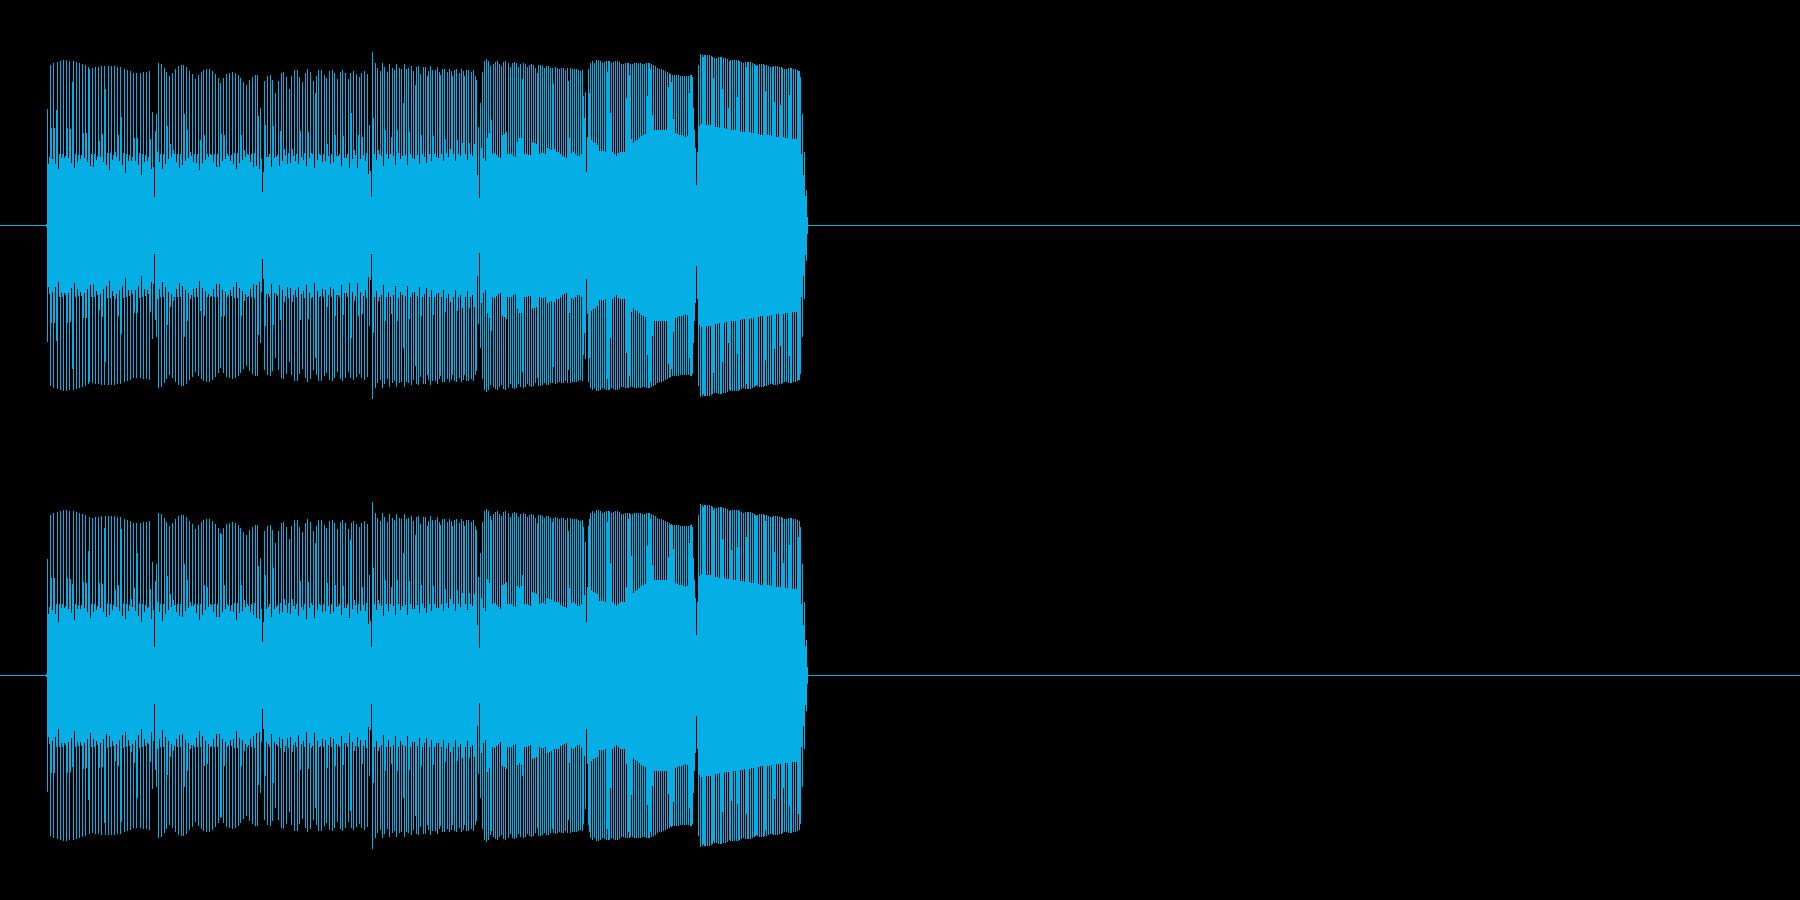 テレレレレン(アップする音)の再生済みの波形